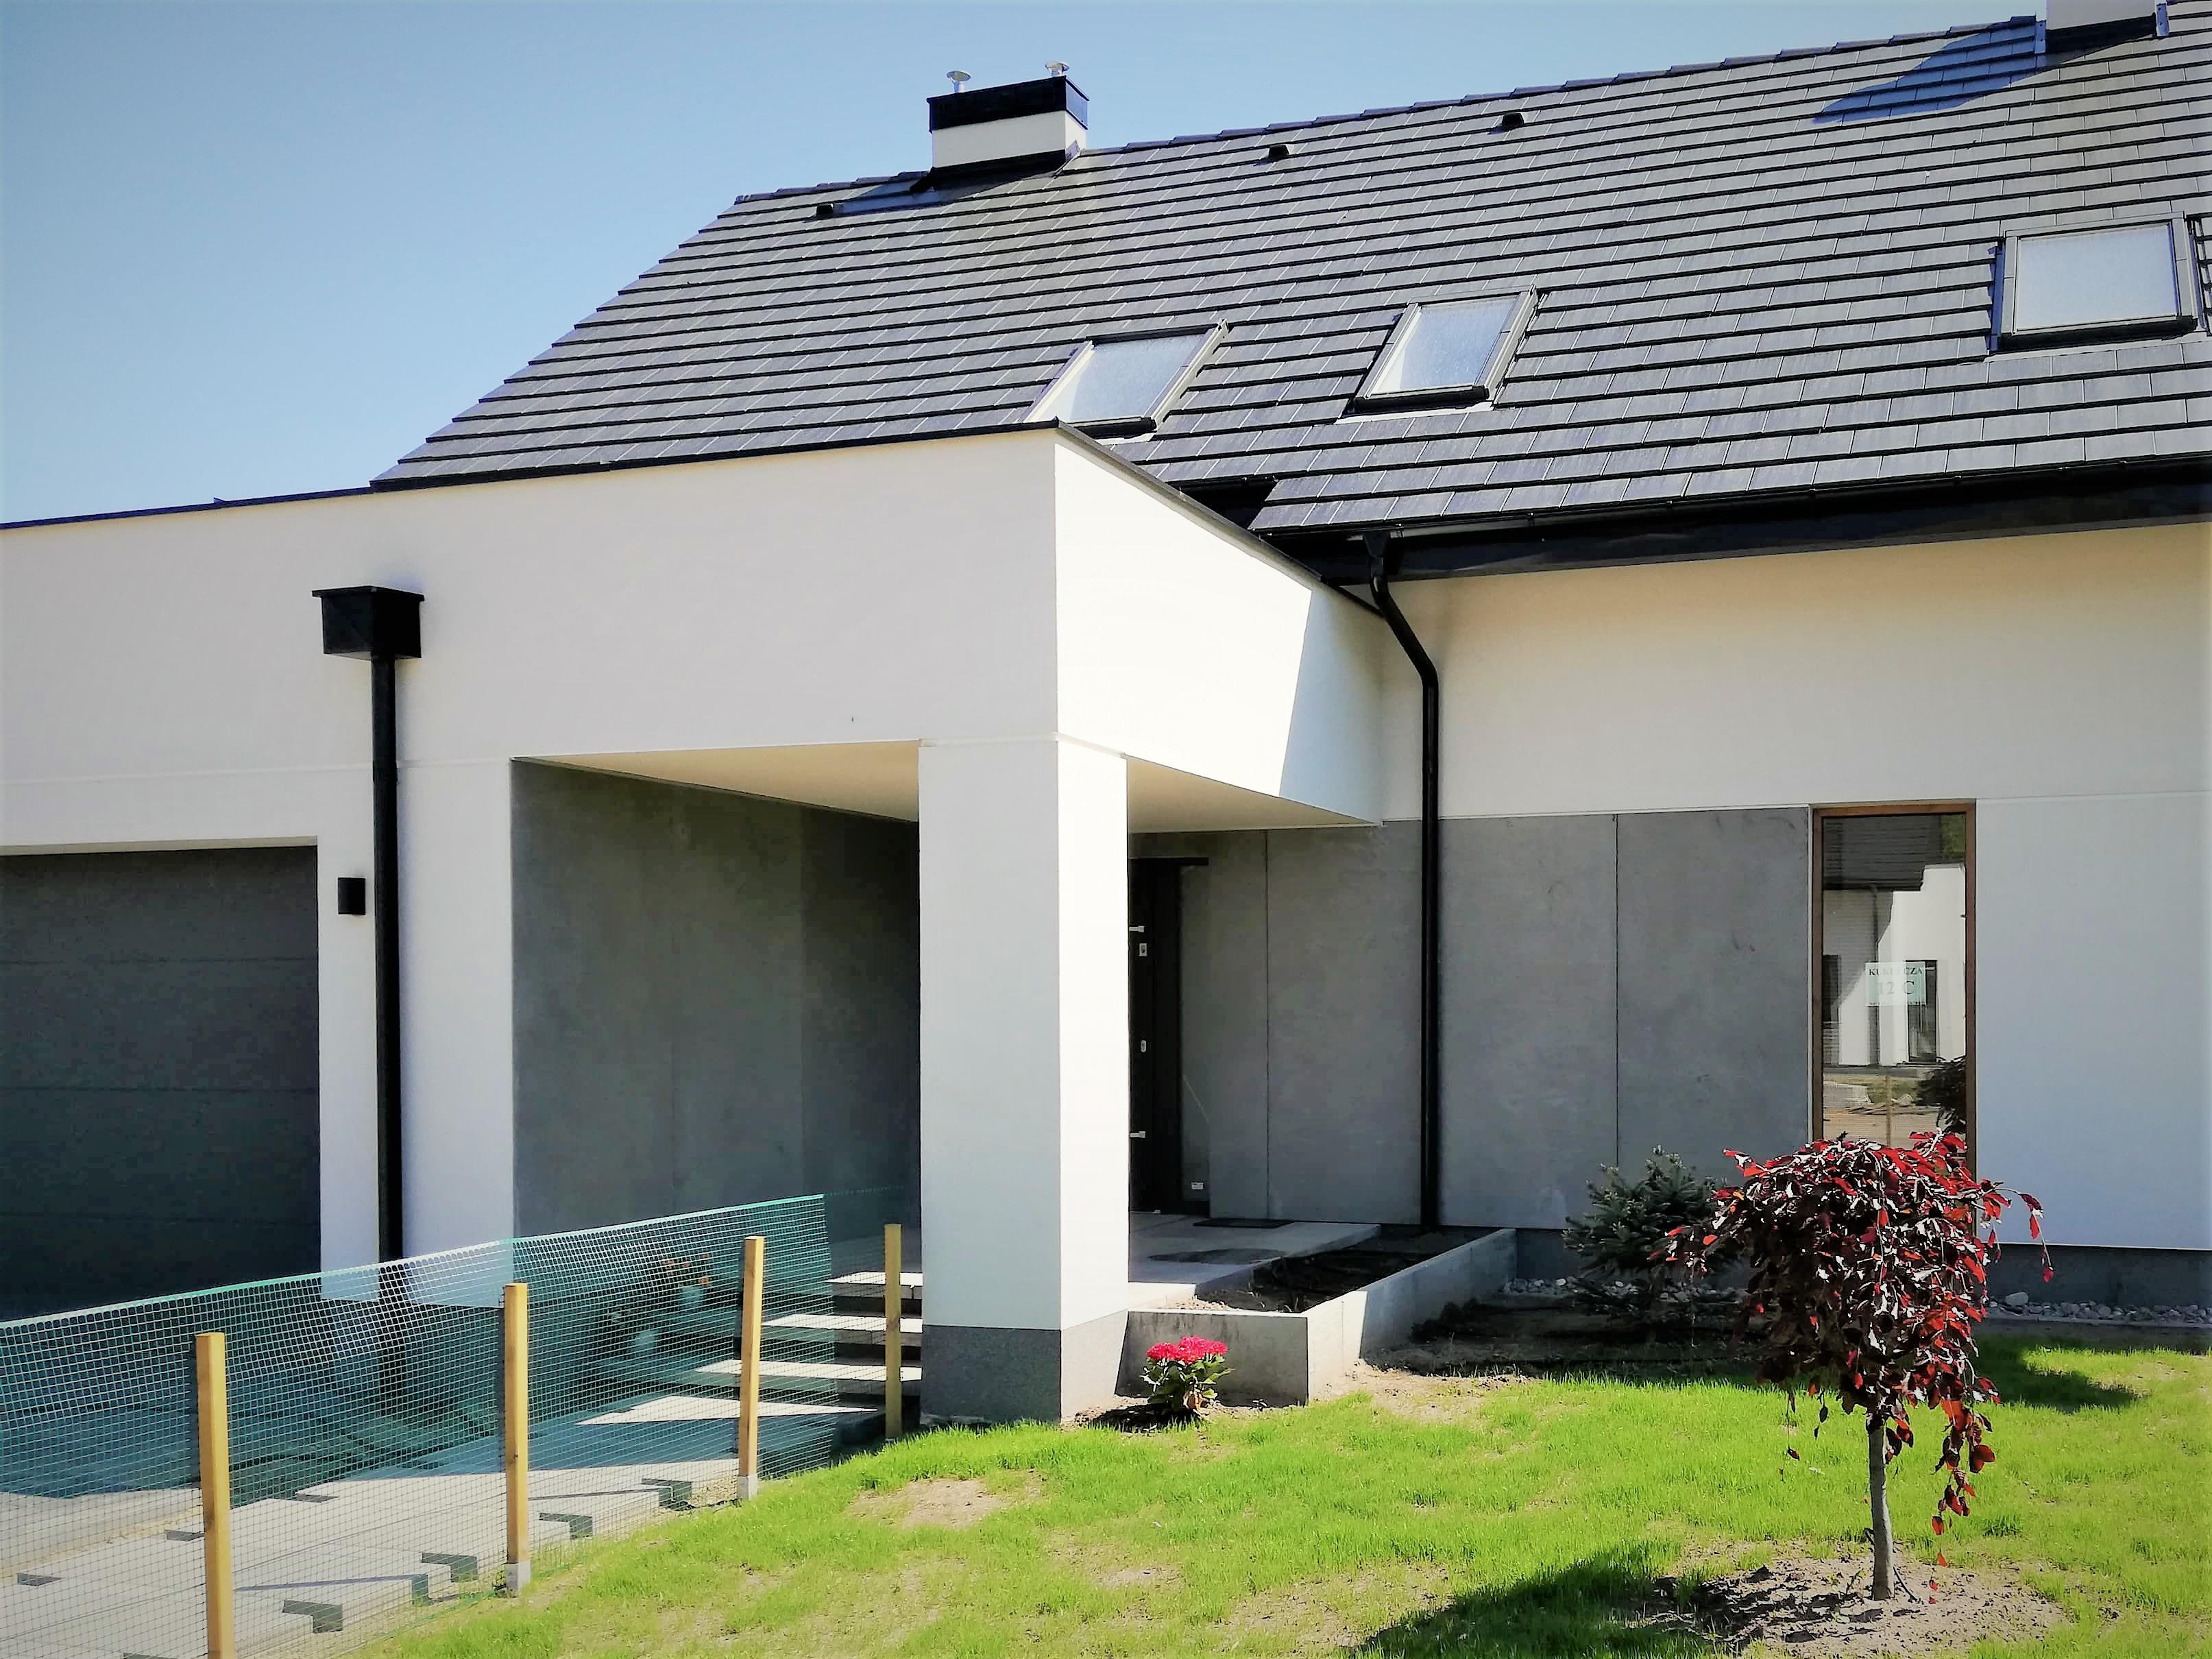 Ogromny Płyty betonowe elewacyjne i elewacje betonowe 11 mm OW37